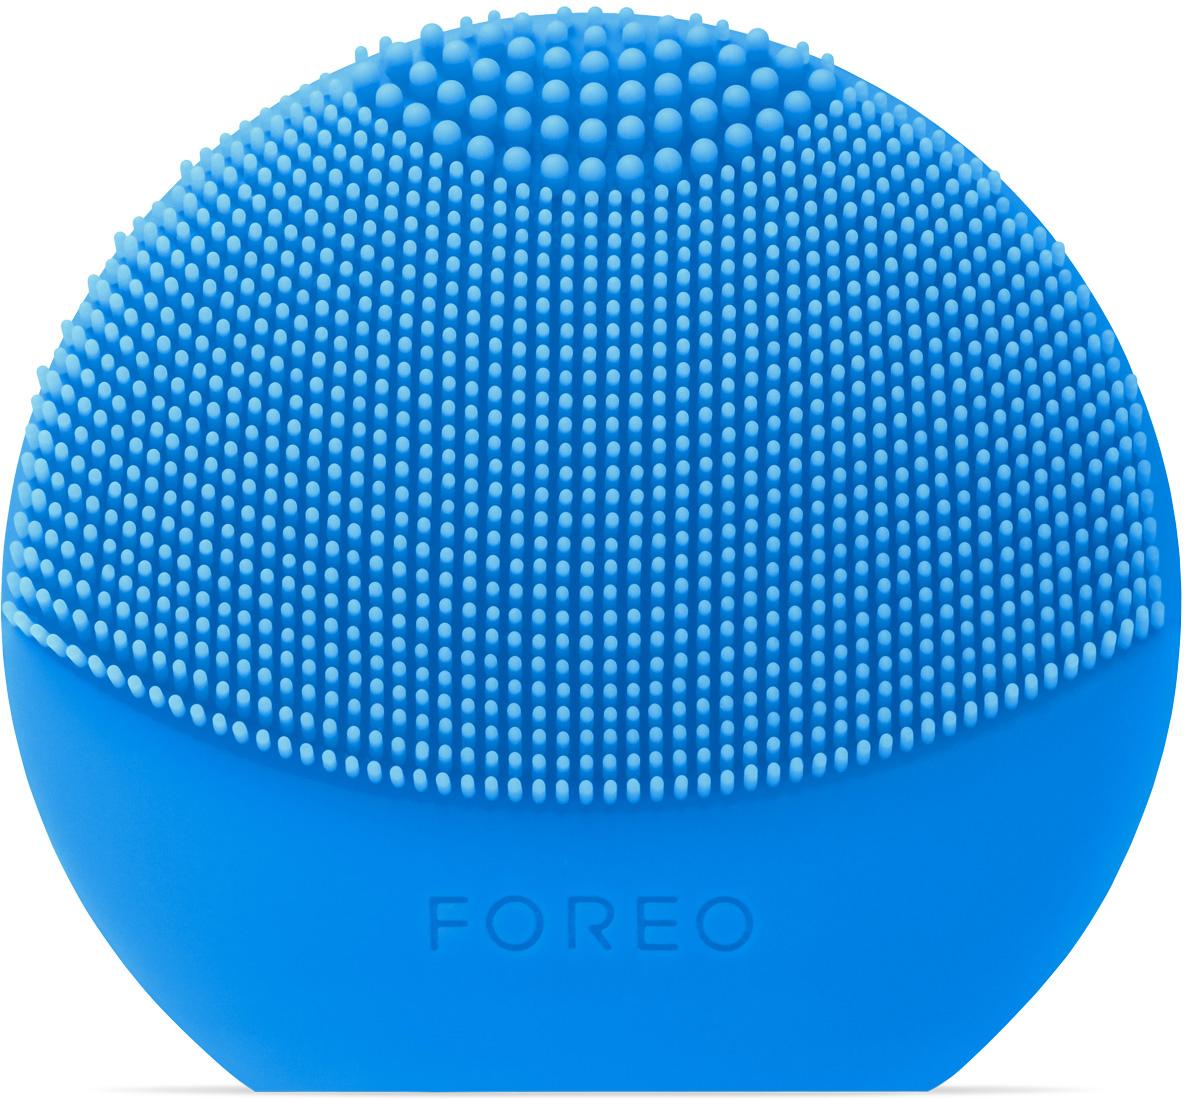 Foreo Щетка для очищения лица LUNA play plus, цвет: Aquamarine (голубой) - Косметологические аппараты